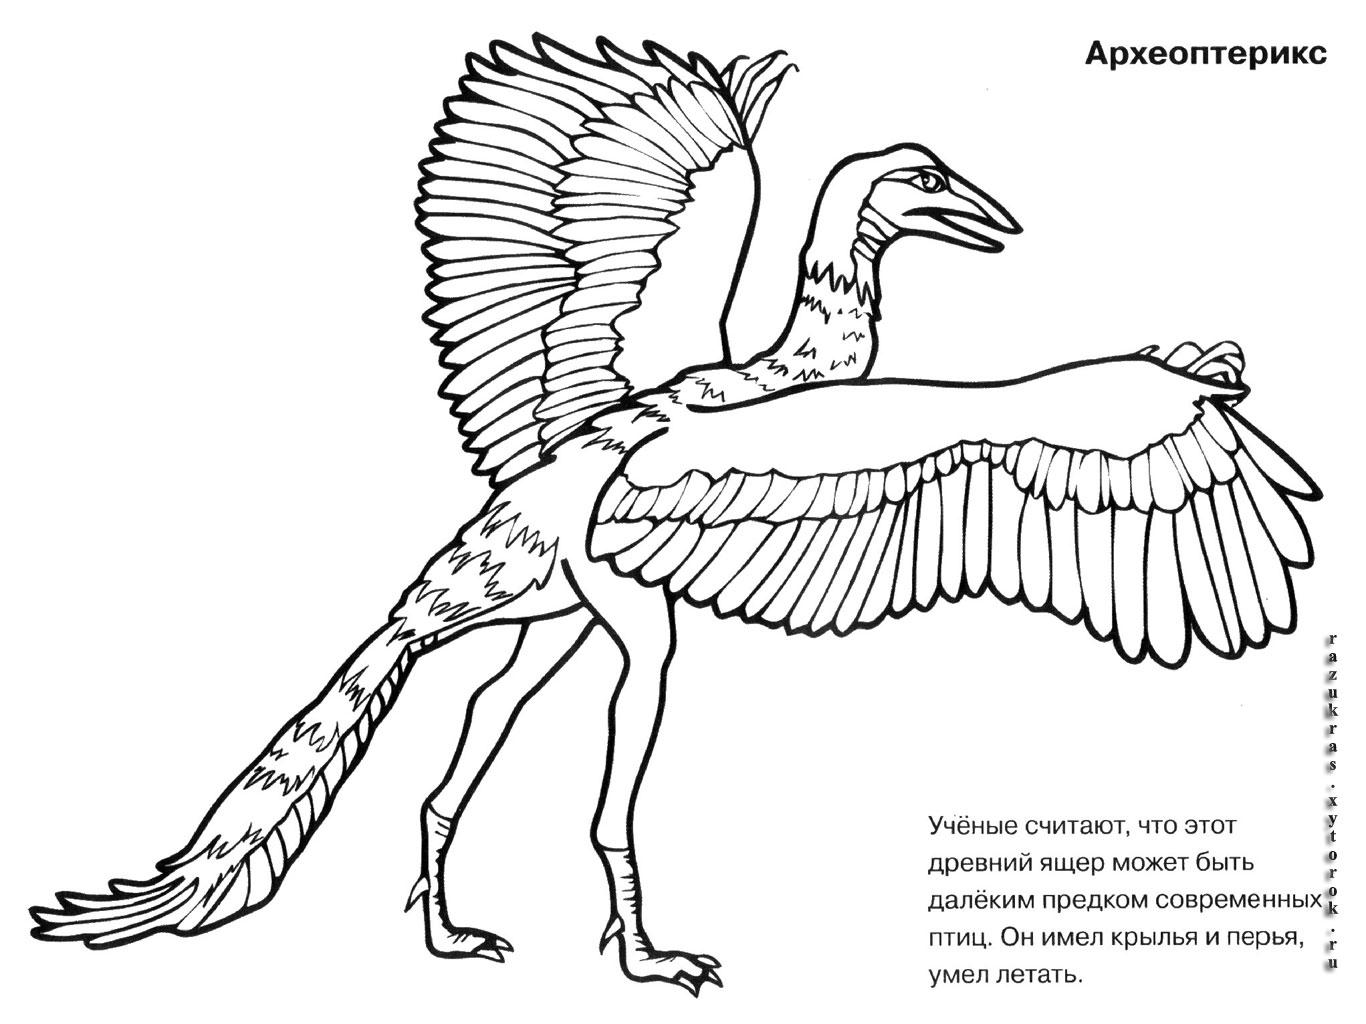 Раскраски динозавра археоптерикса Археоптерикс для детей.